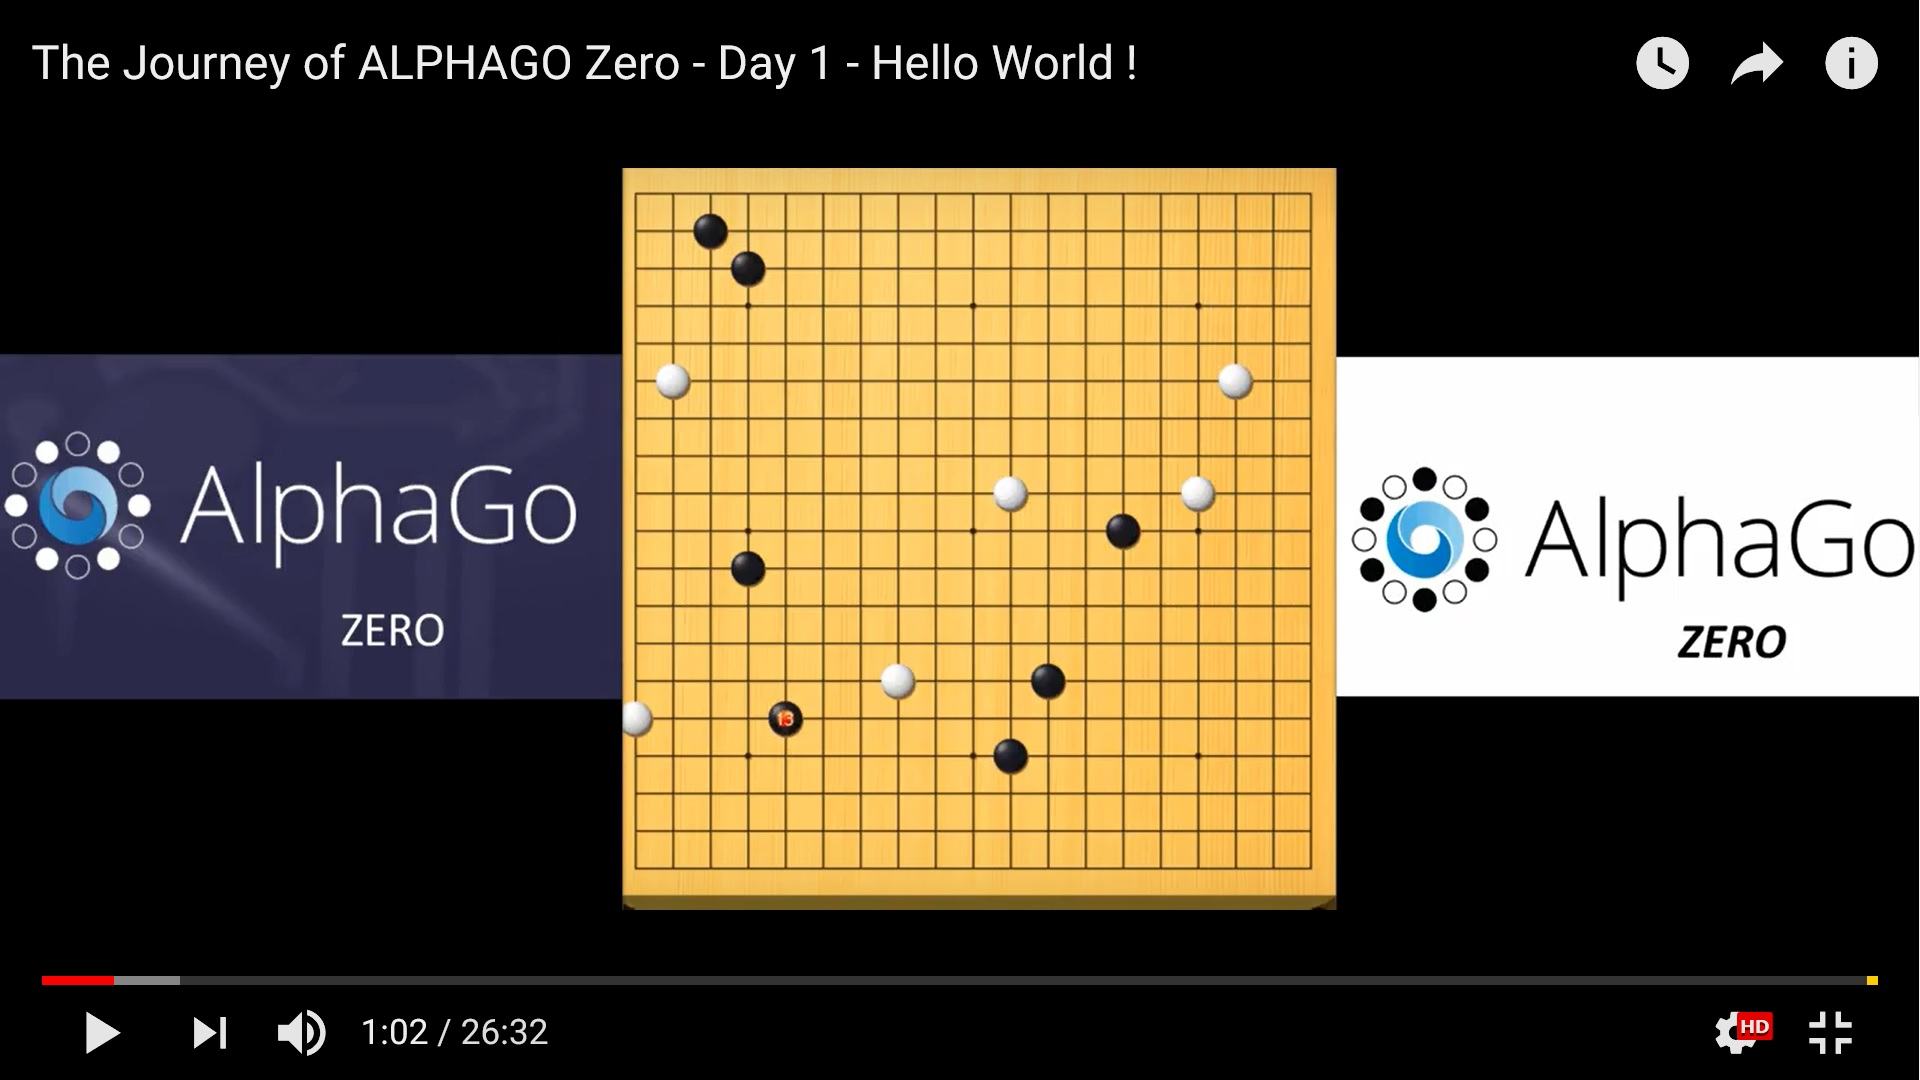 AlphaGo ZERO 1